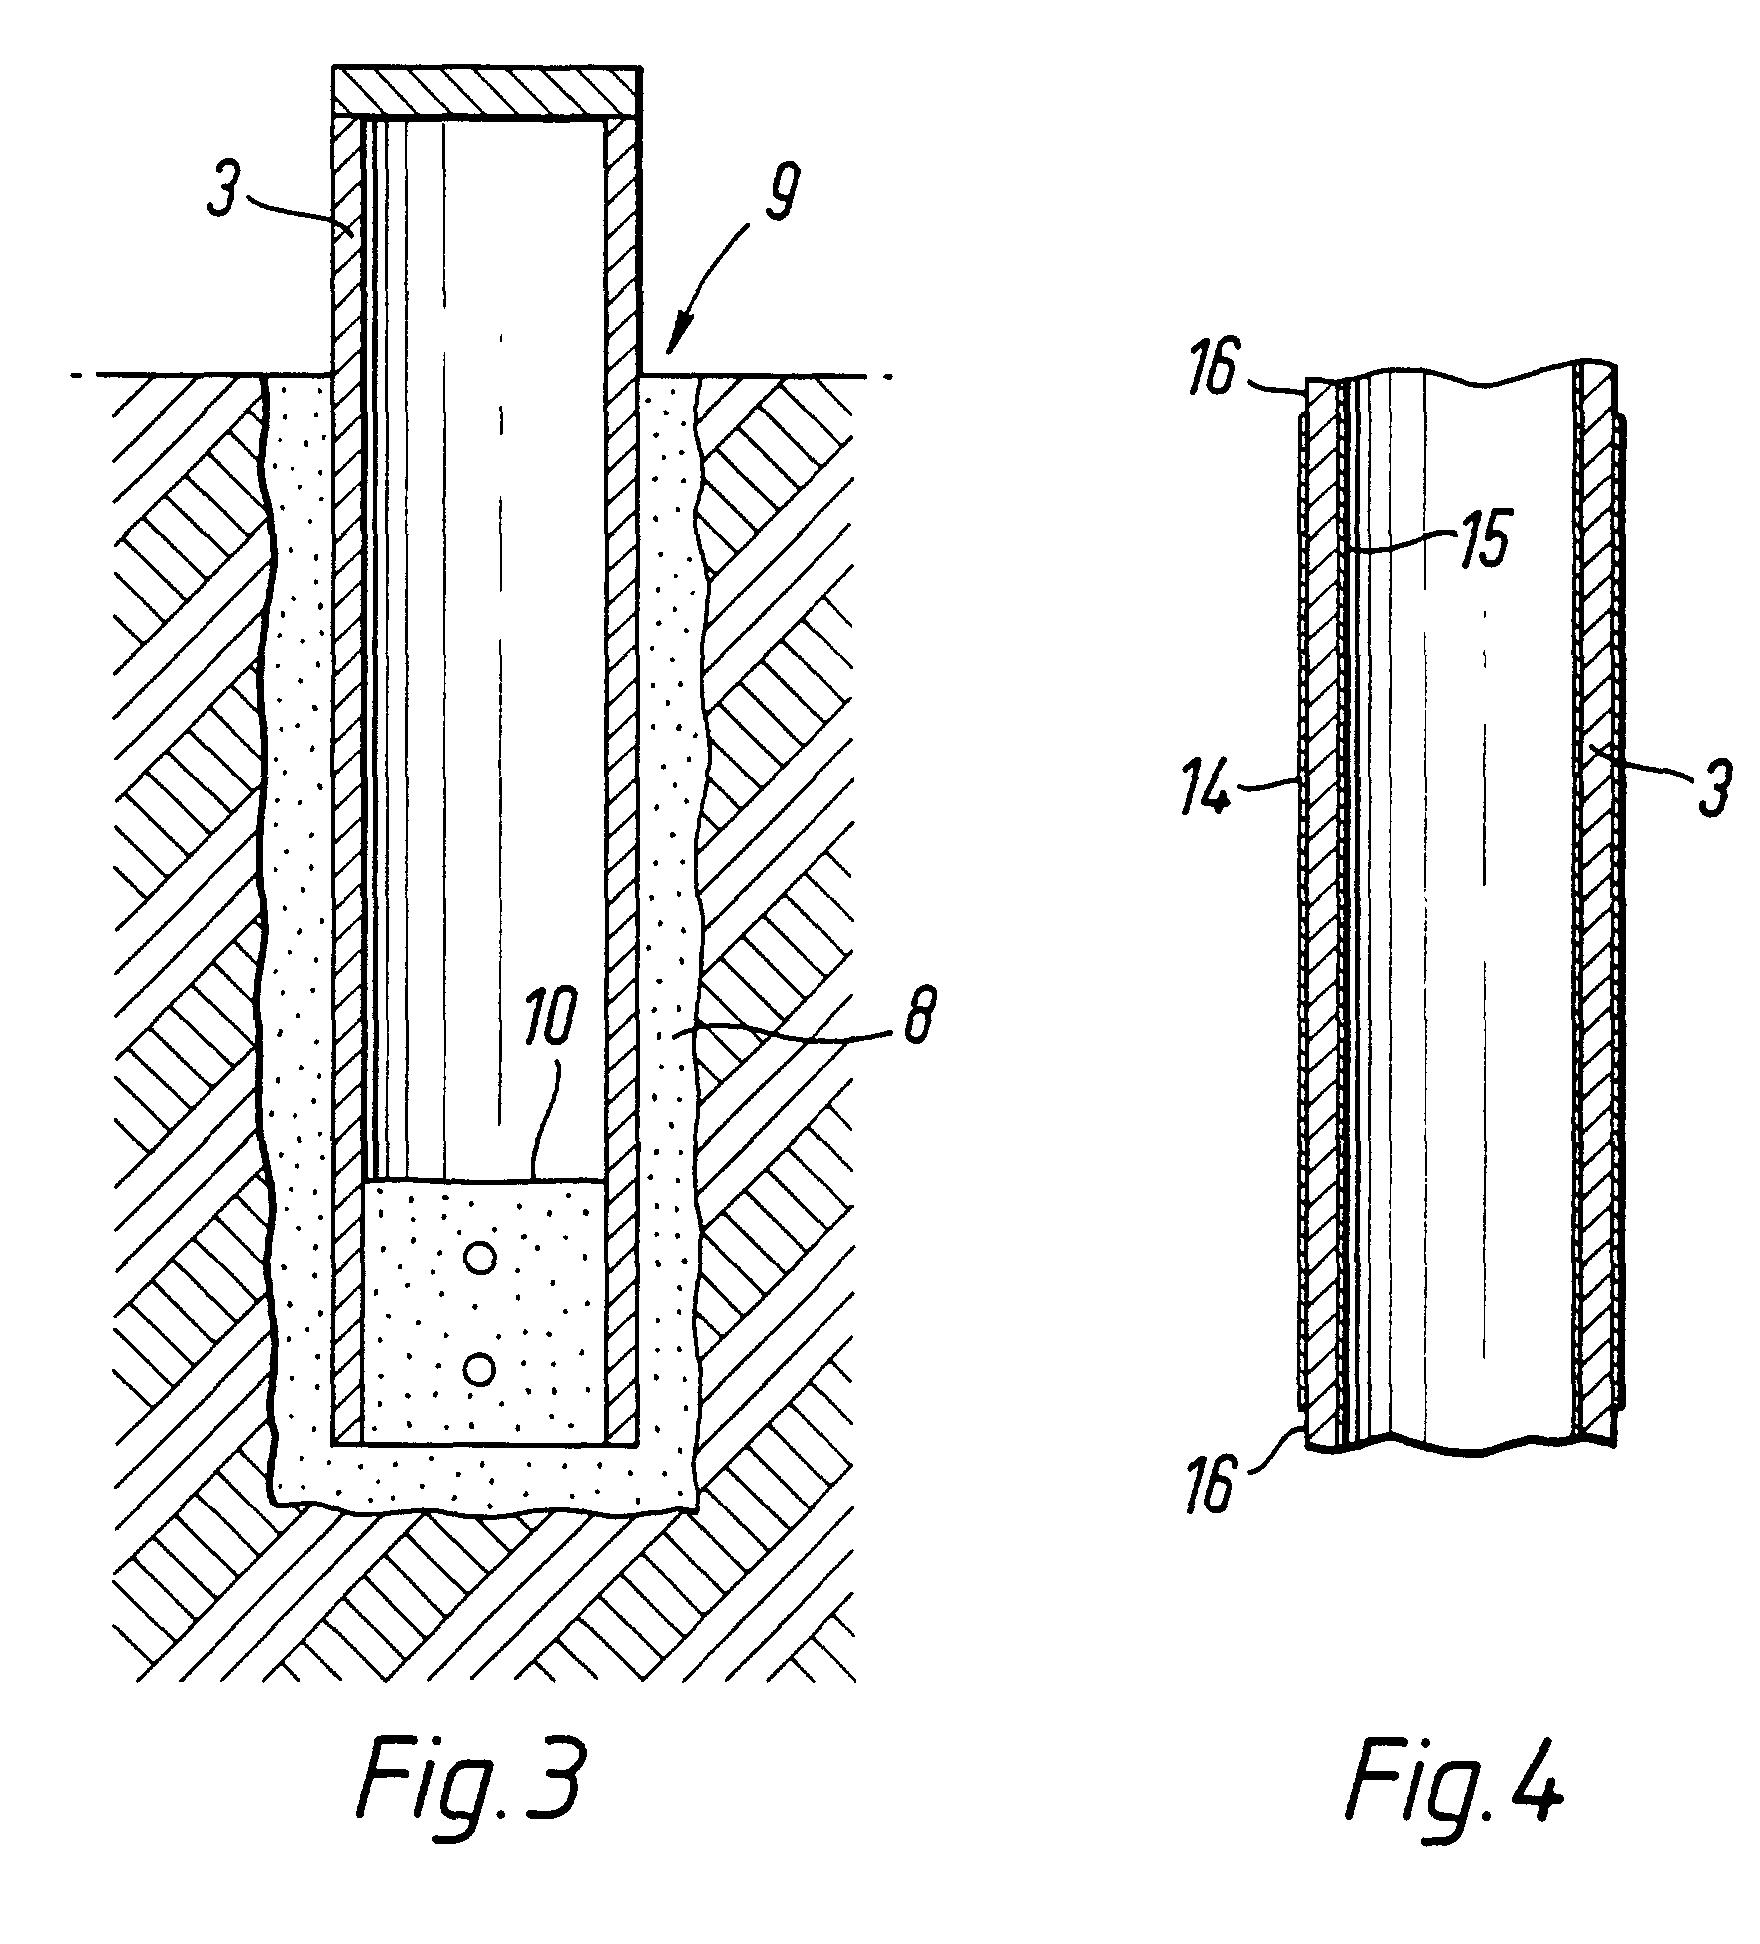 patente ep0750710b1 fundamentrohr zur anwendung als fundament f r masten pfosten s ulen und. Black Bedroom Furniture Sets. Home Design Ideas